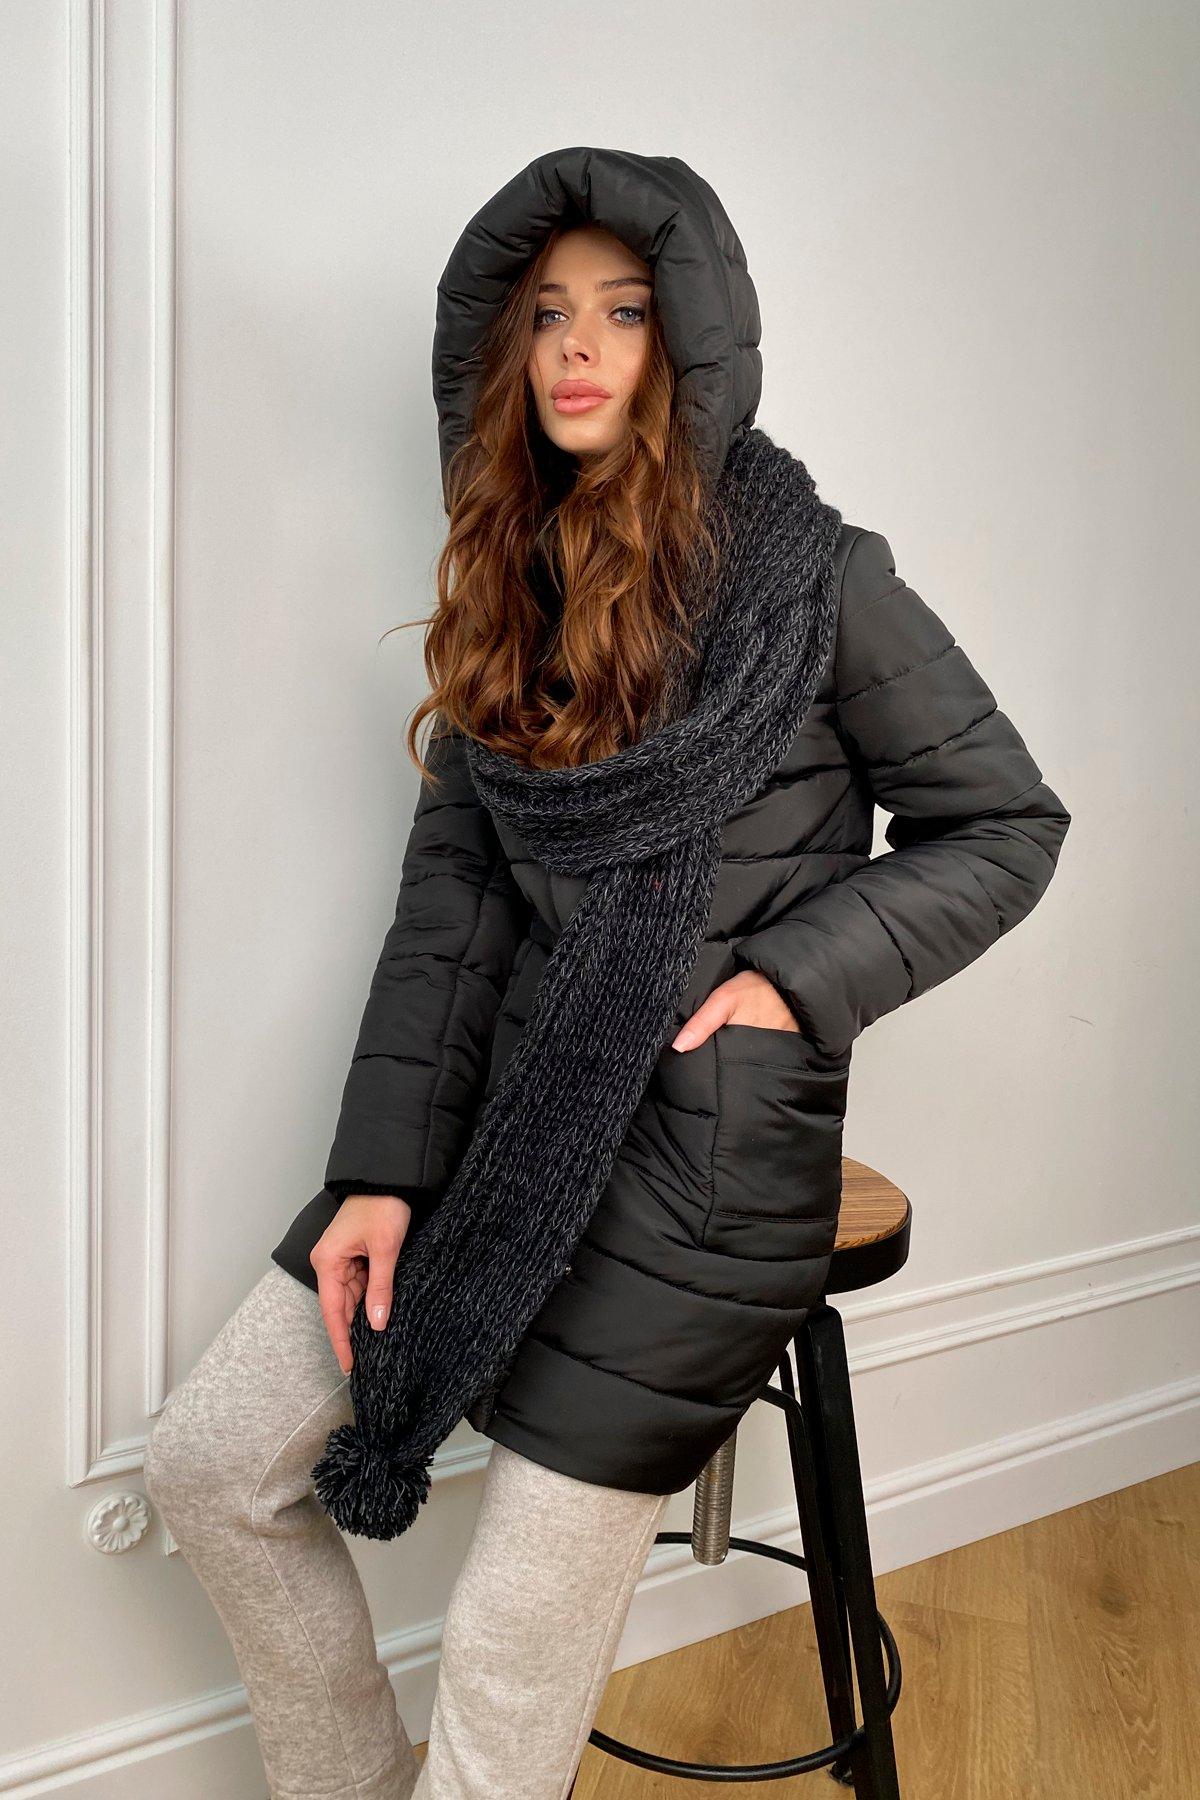 купить женский пуховик в Украине Пуховик с меховыми карманами Лили 8593